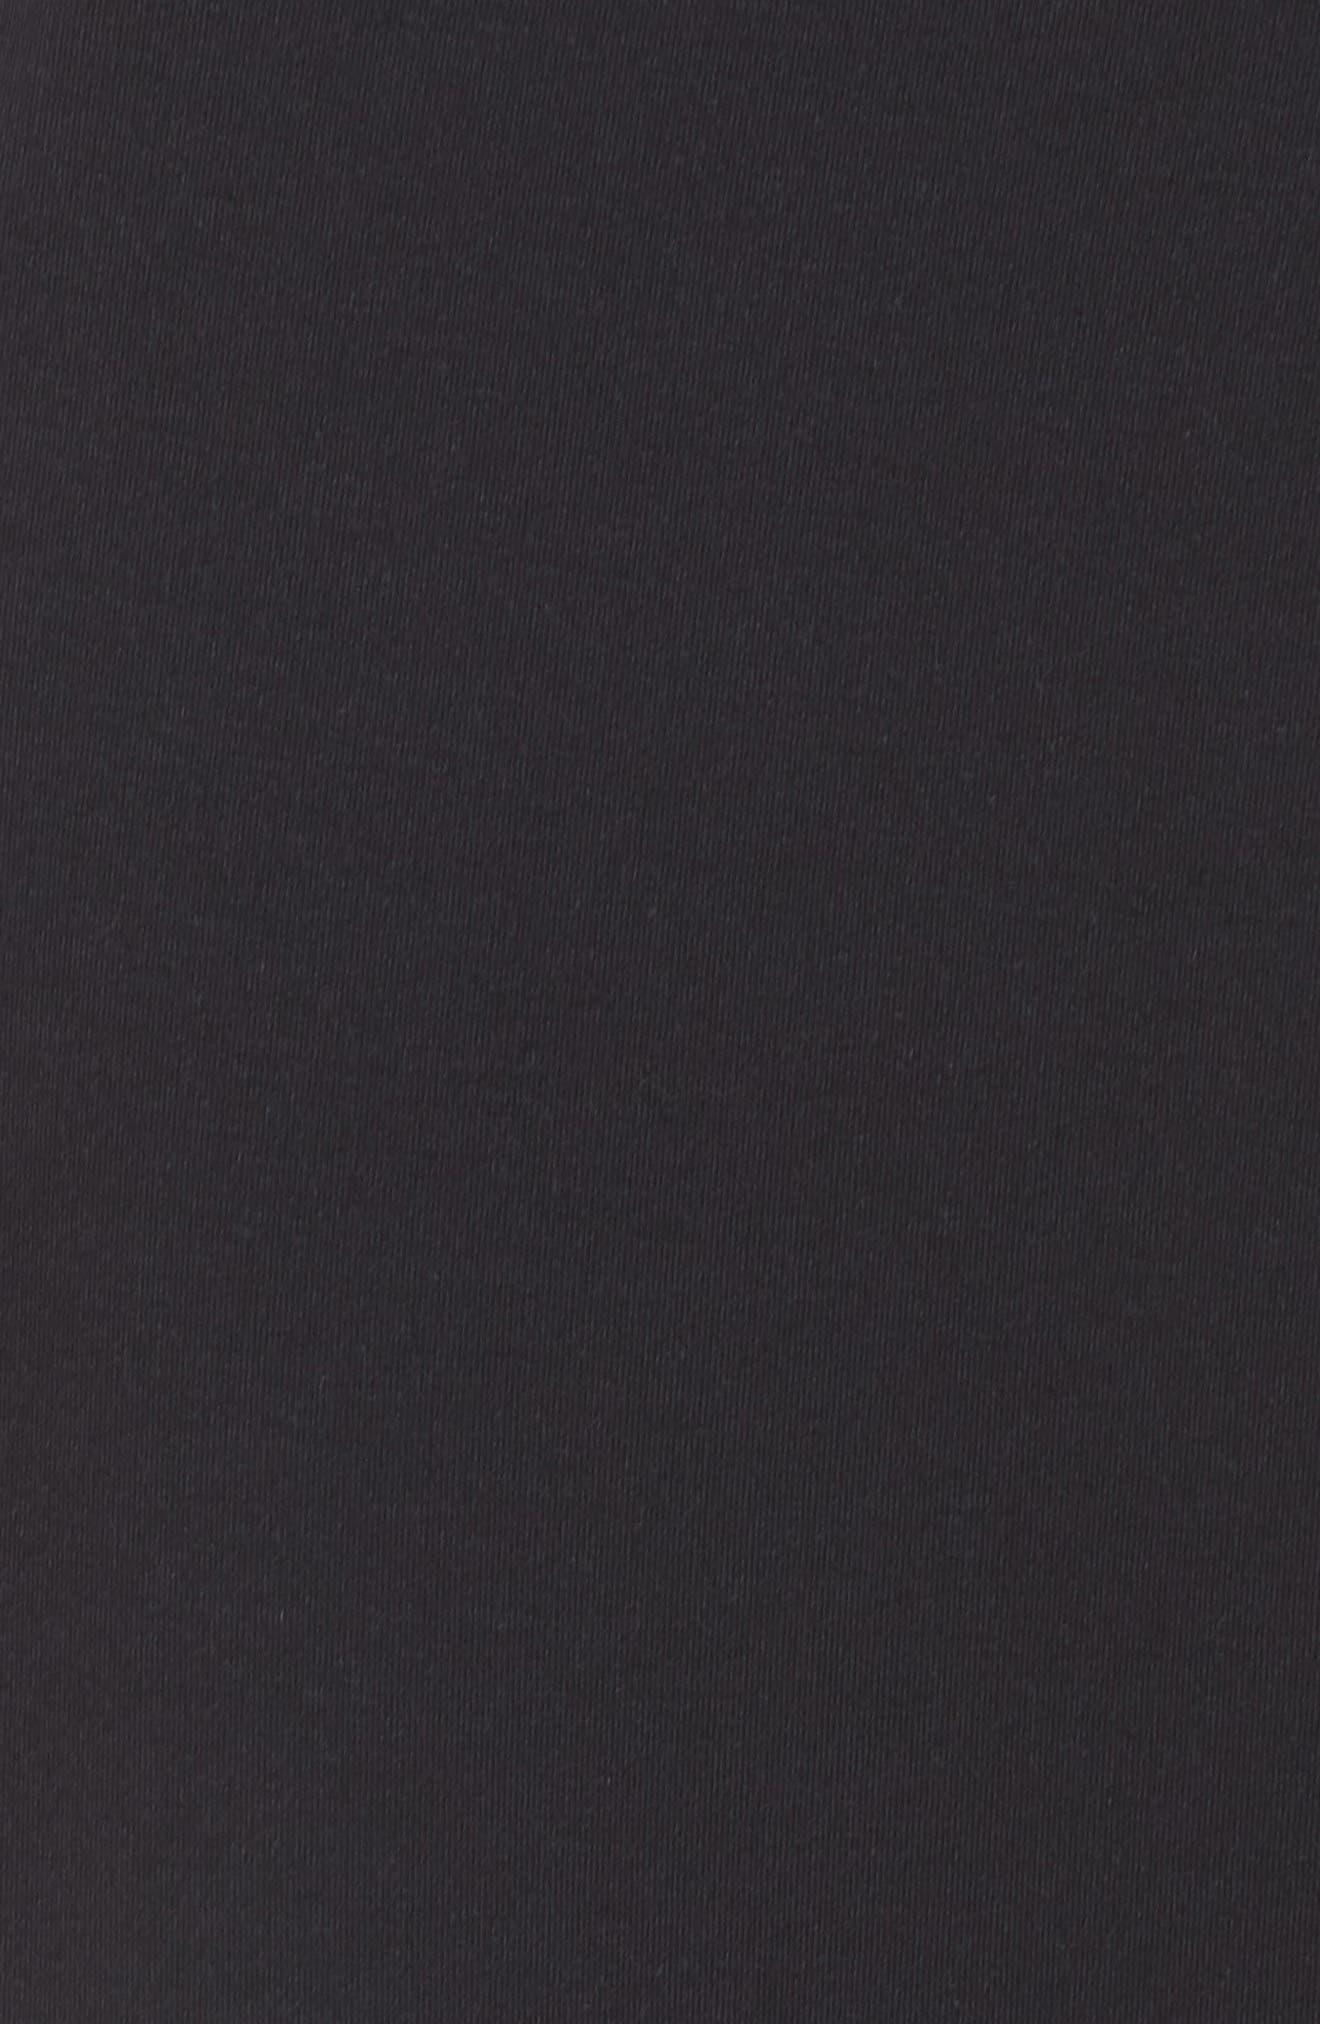 NIKE,                             Dry Studio Training Pants,                             Alternate thumbnail 6, color,                             BLACK/ BLACK